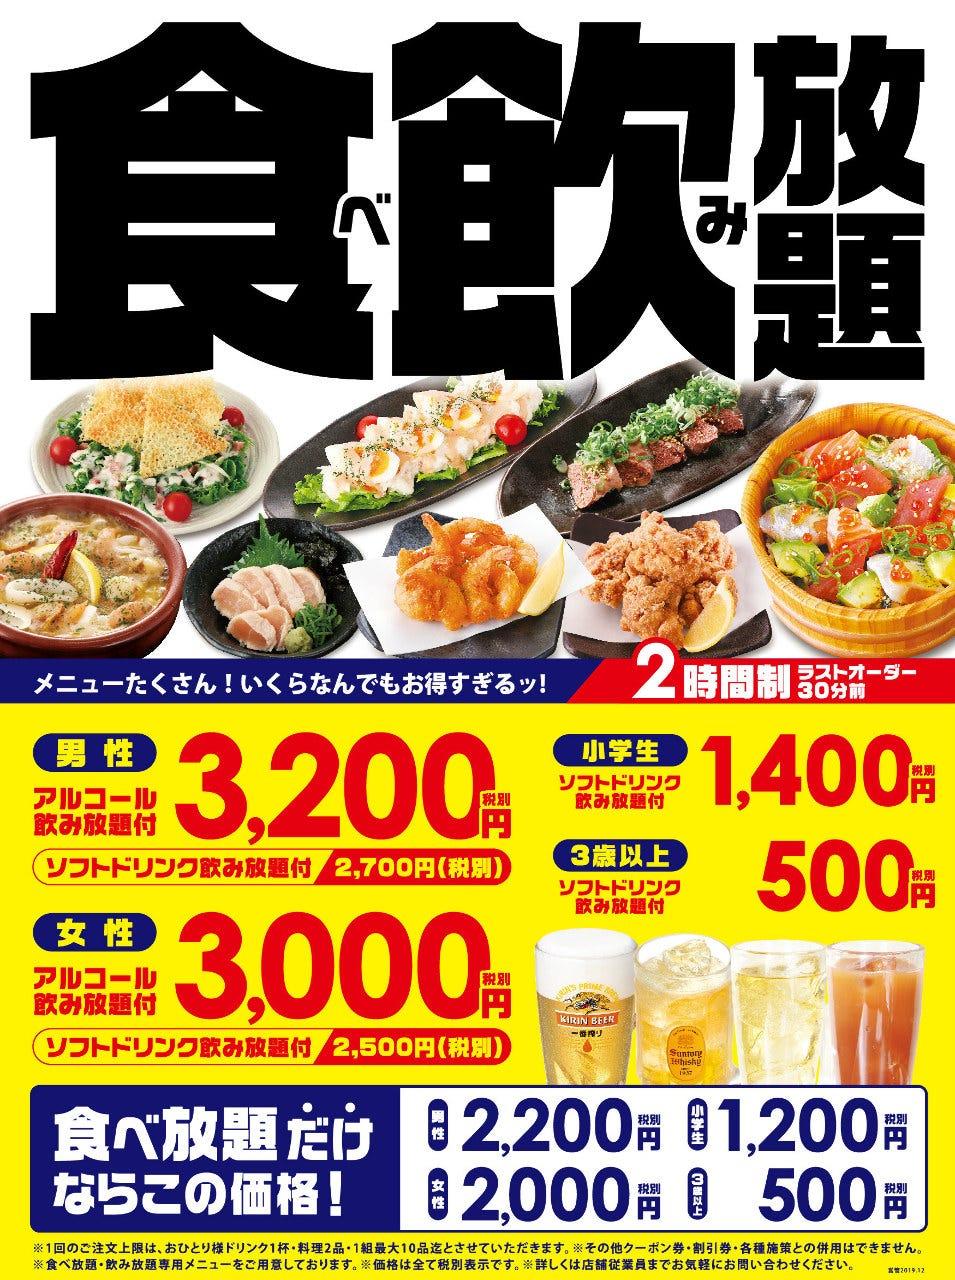 【2時間】厳選グランドメニュー食べ放題コース